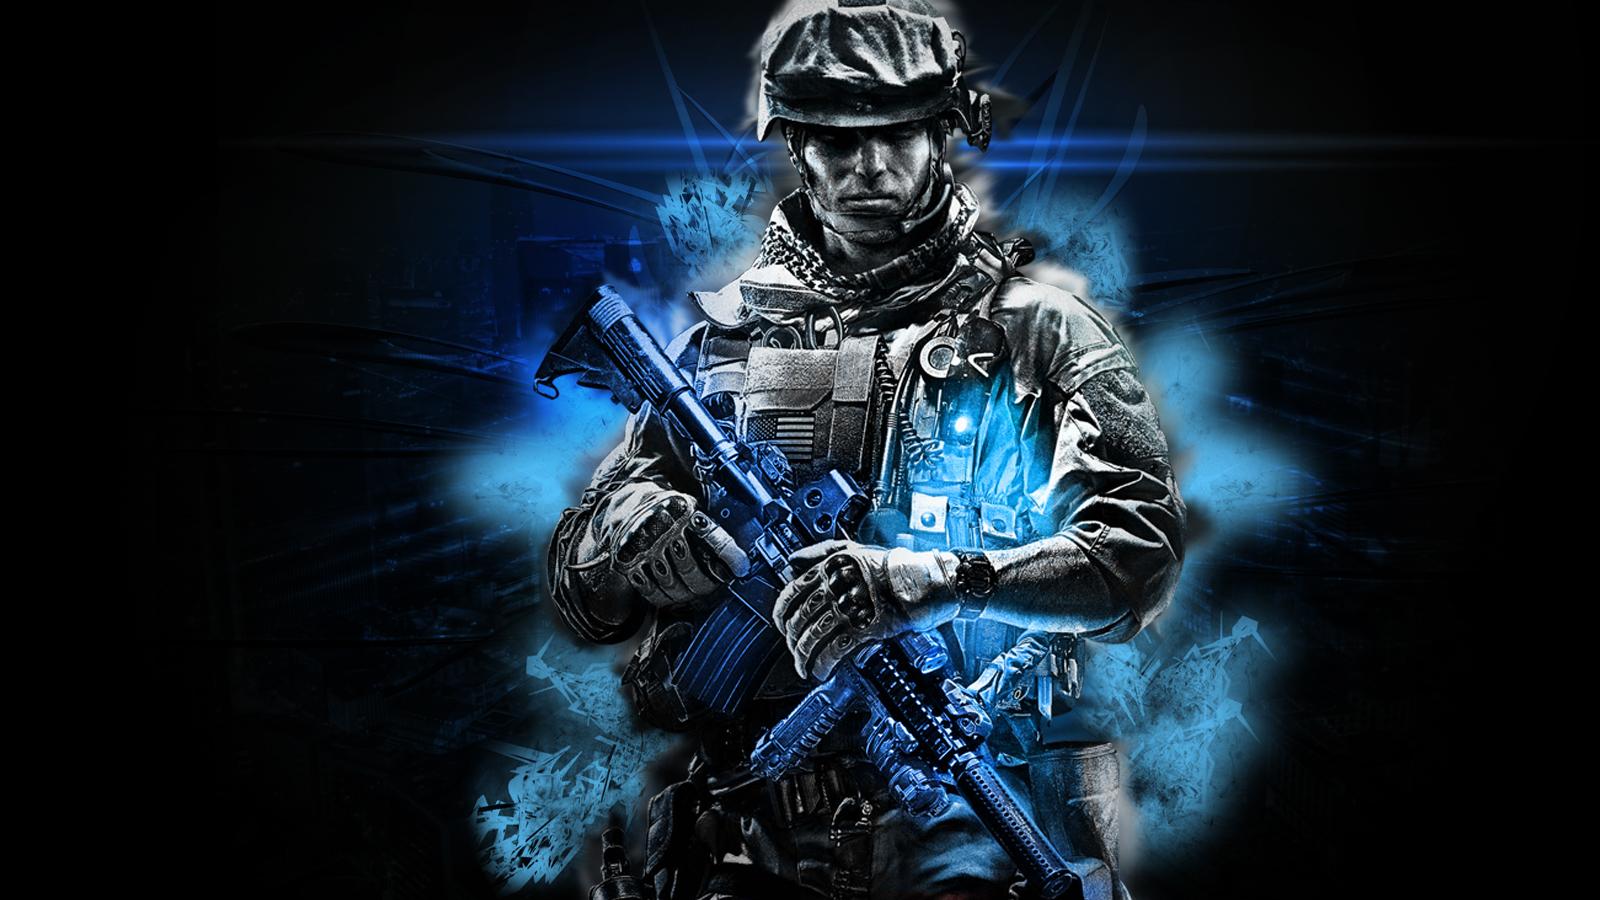 http://2.bp.blogspot.com/-mW-mW5P69VE/T2Y_pLe0NeI/AAAAAAAAAMg/CjUxrKLoA9g/s1600/battlefield-3-wallpaper-HD.jpg